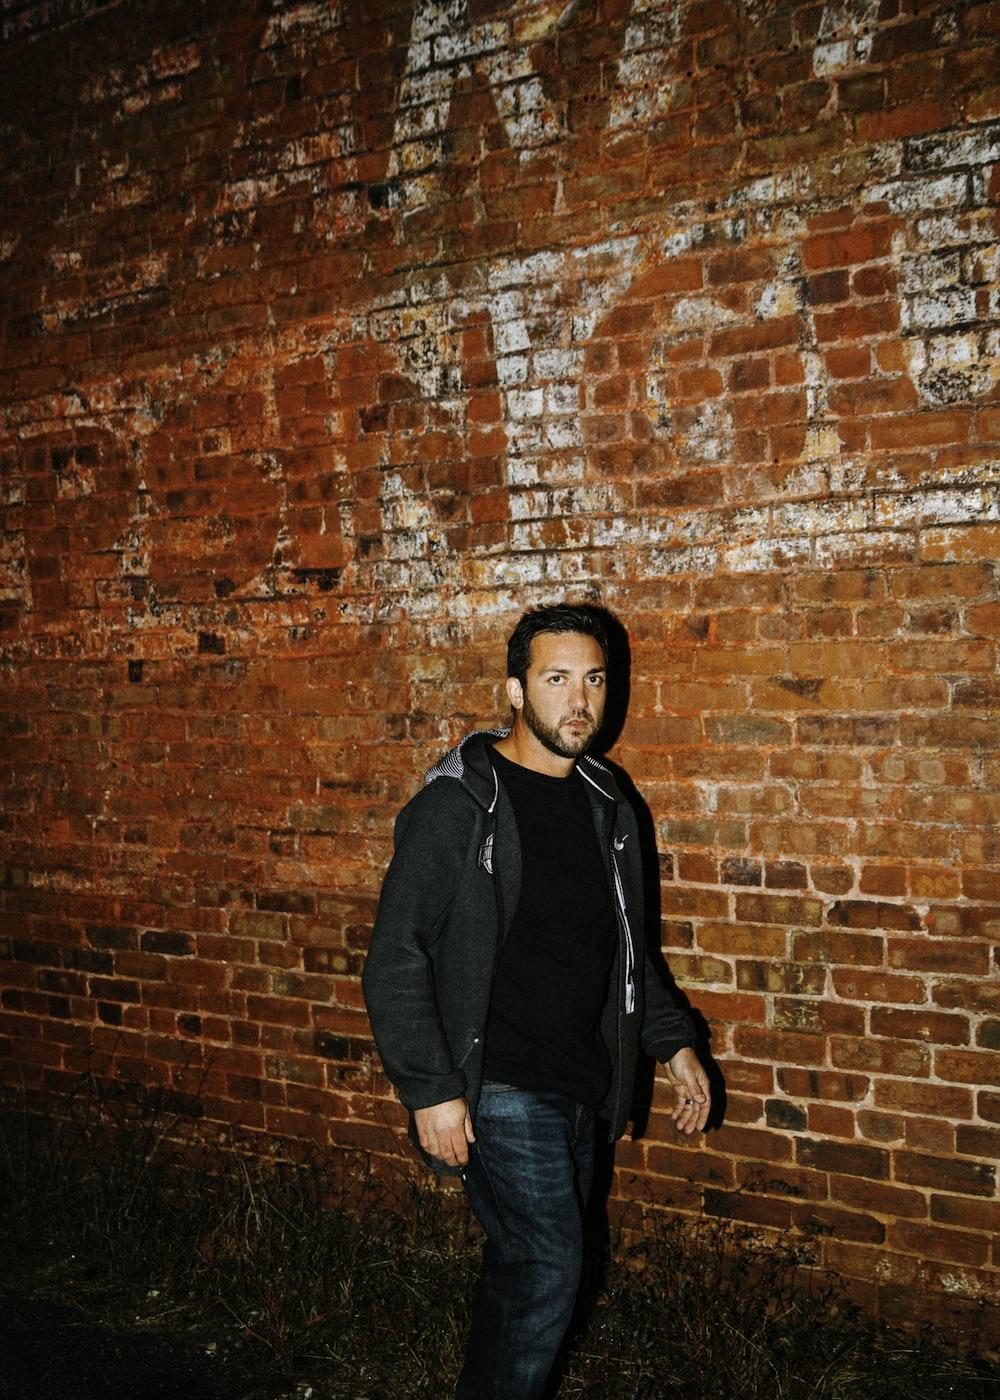 man in black zip-up hoodie walking beside brown bricked wall